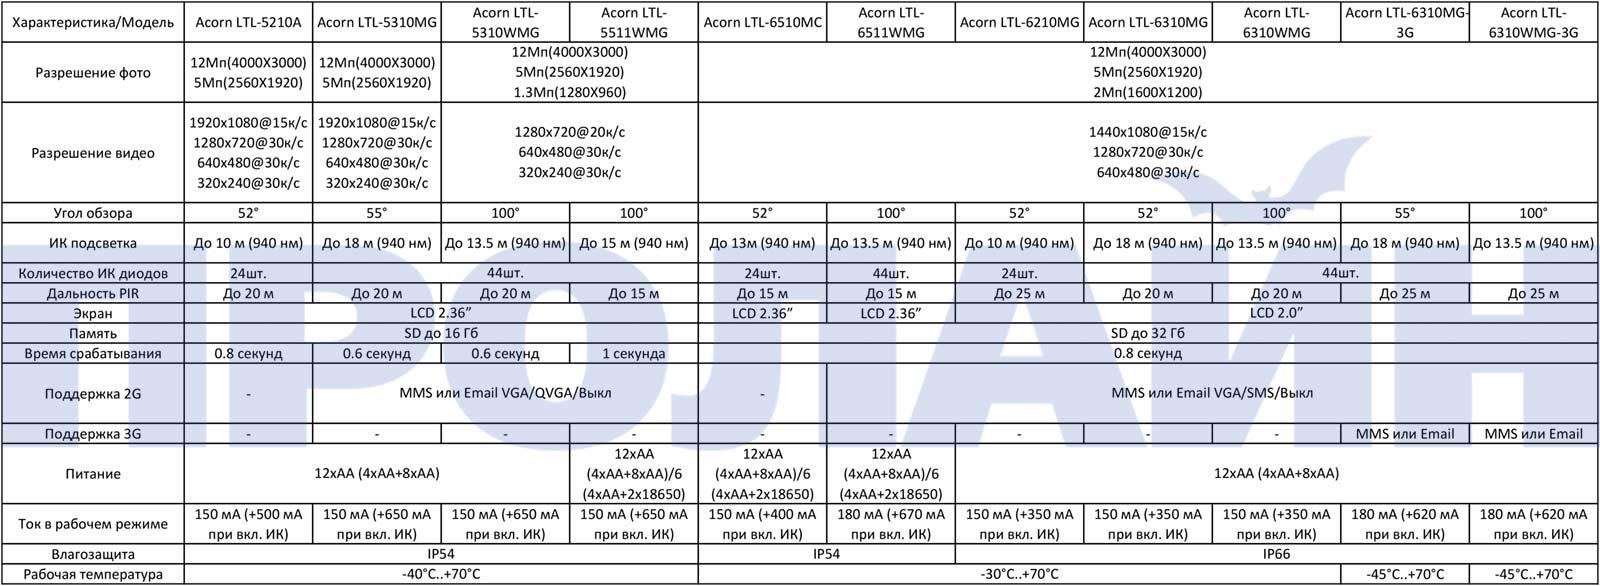 Сравнительная таблица фотоловушек Acorn